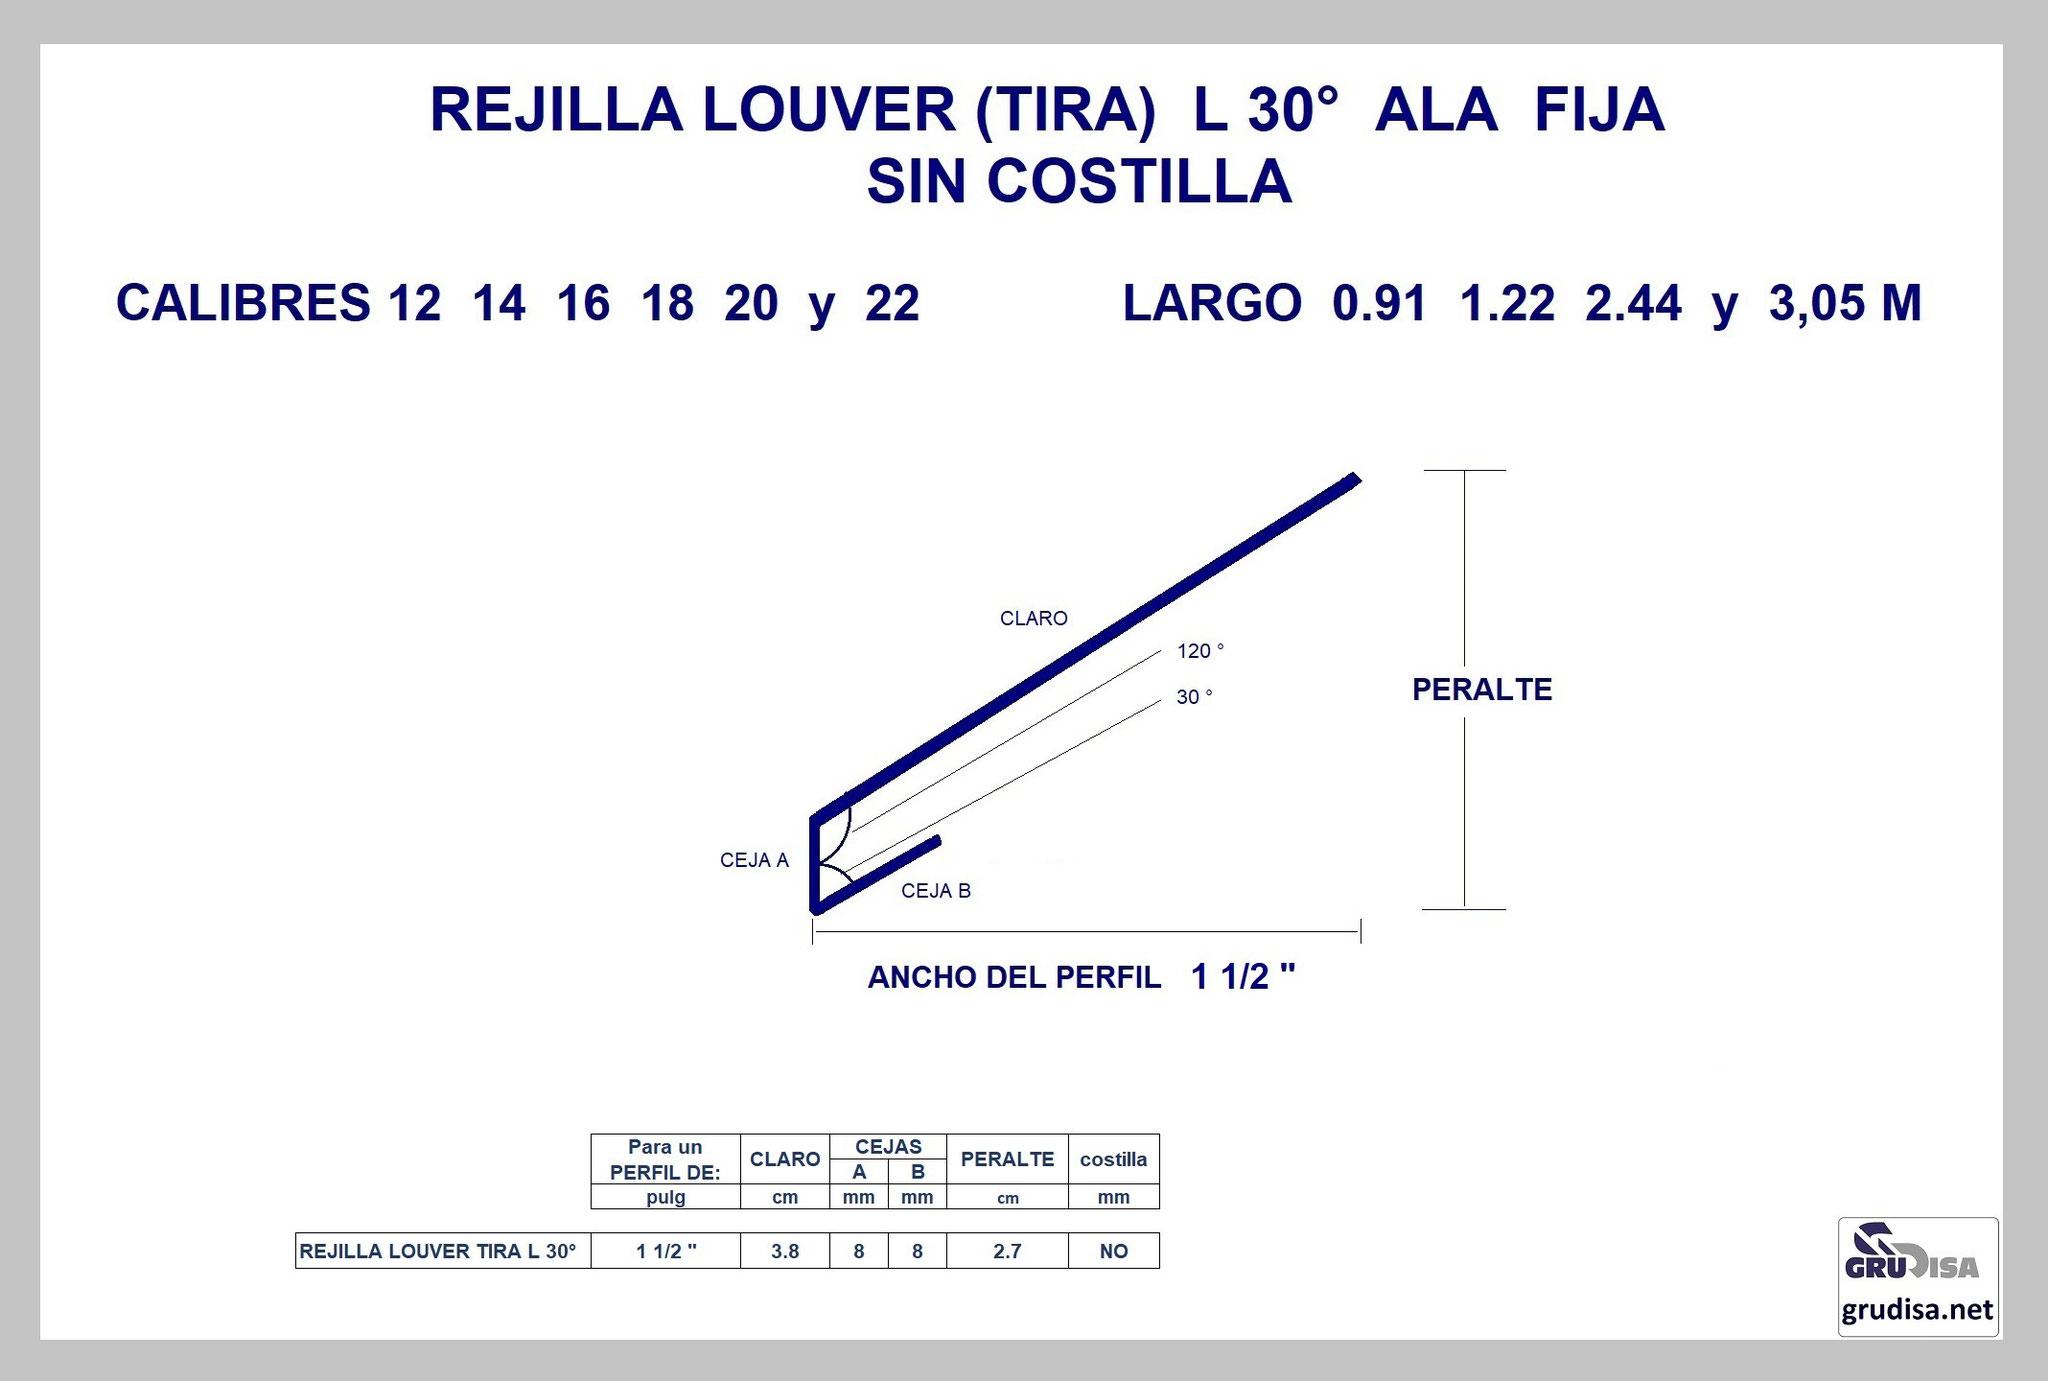 """REJILLA LOUVER (TIRA) L 30° Para PERFIL de 1 1/2"""" SIN COSTILLA"""